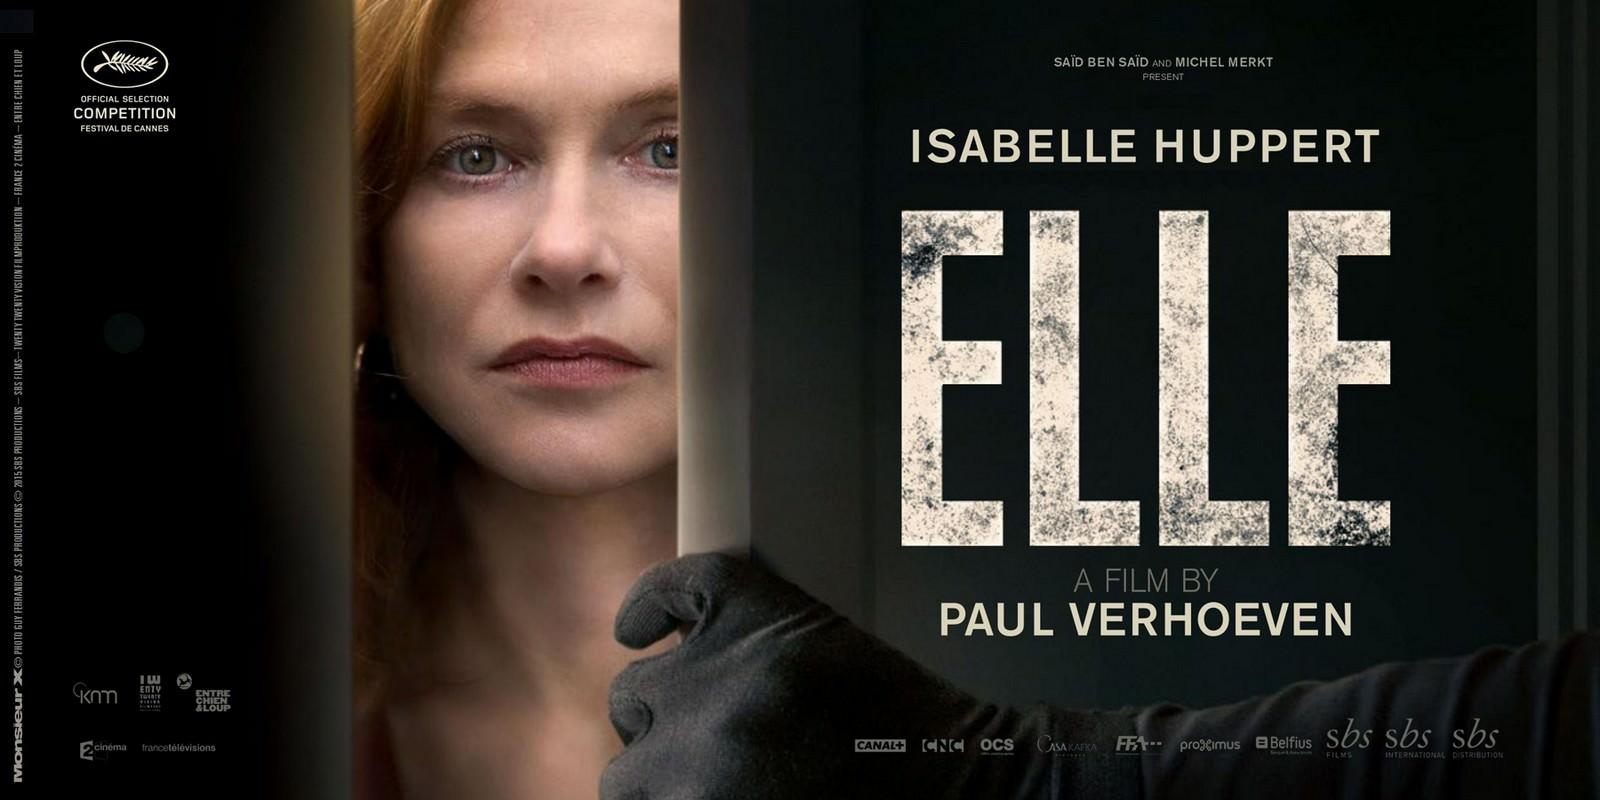 Movie, Elle(法國, 2016年) / 她的危險遊戲(台灣) / 烈女本色(香港) / 她(網路), 電影海報, 國際, 橫版